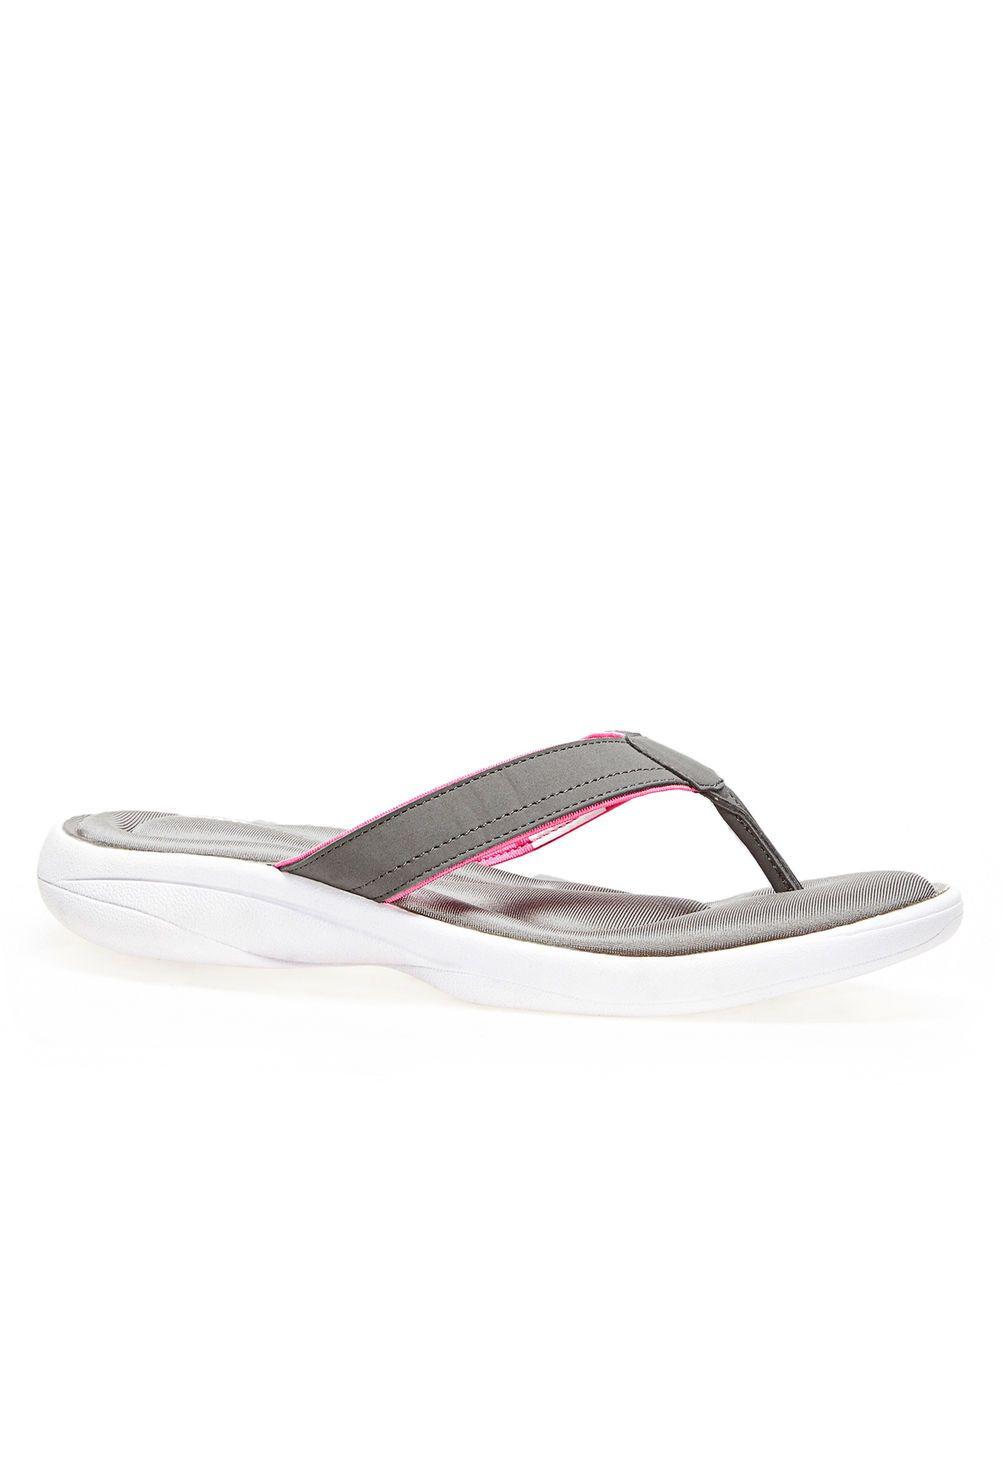 d6ec3f57c9d4 Haven Sport Cloudwalkers® Comfort Flip Flop-Wide Width Sandal-Avenue ...